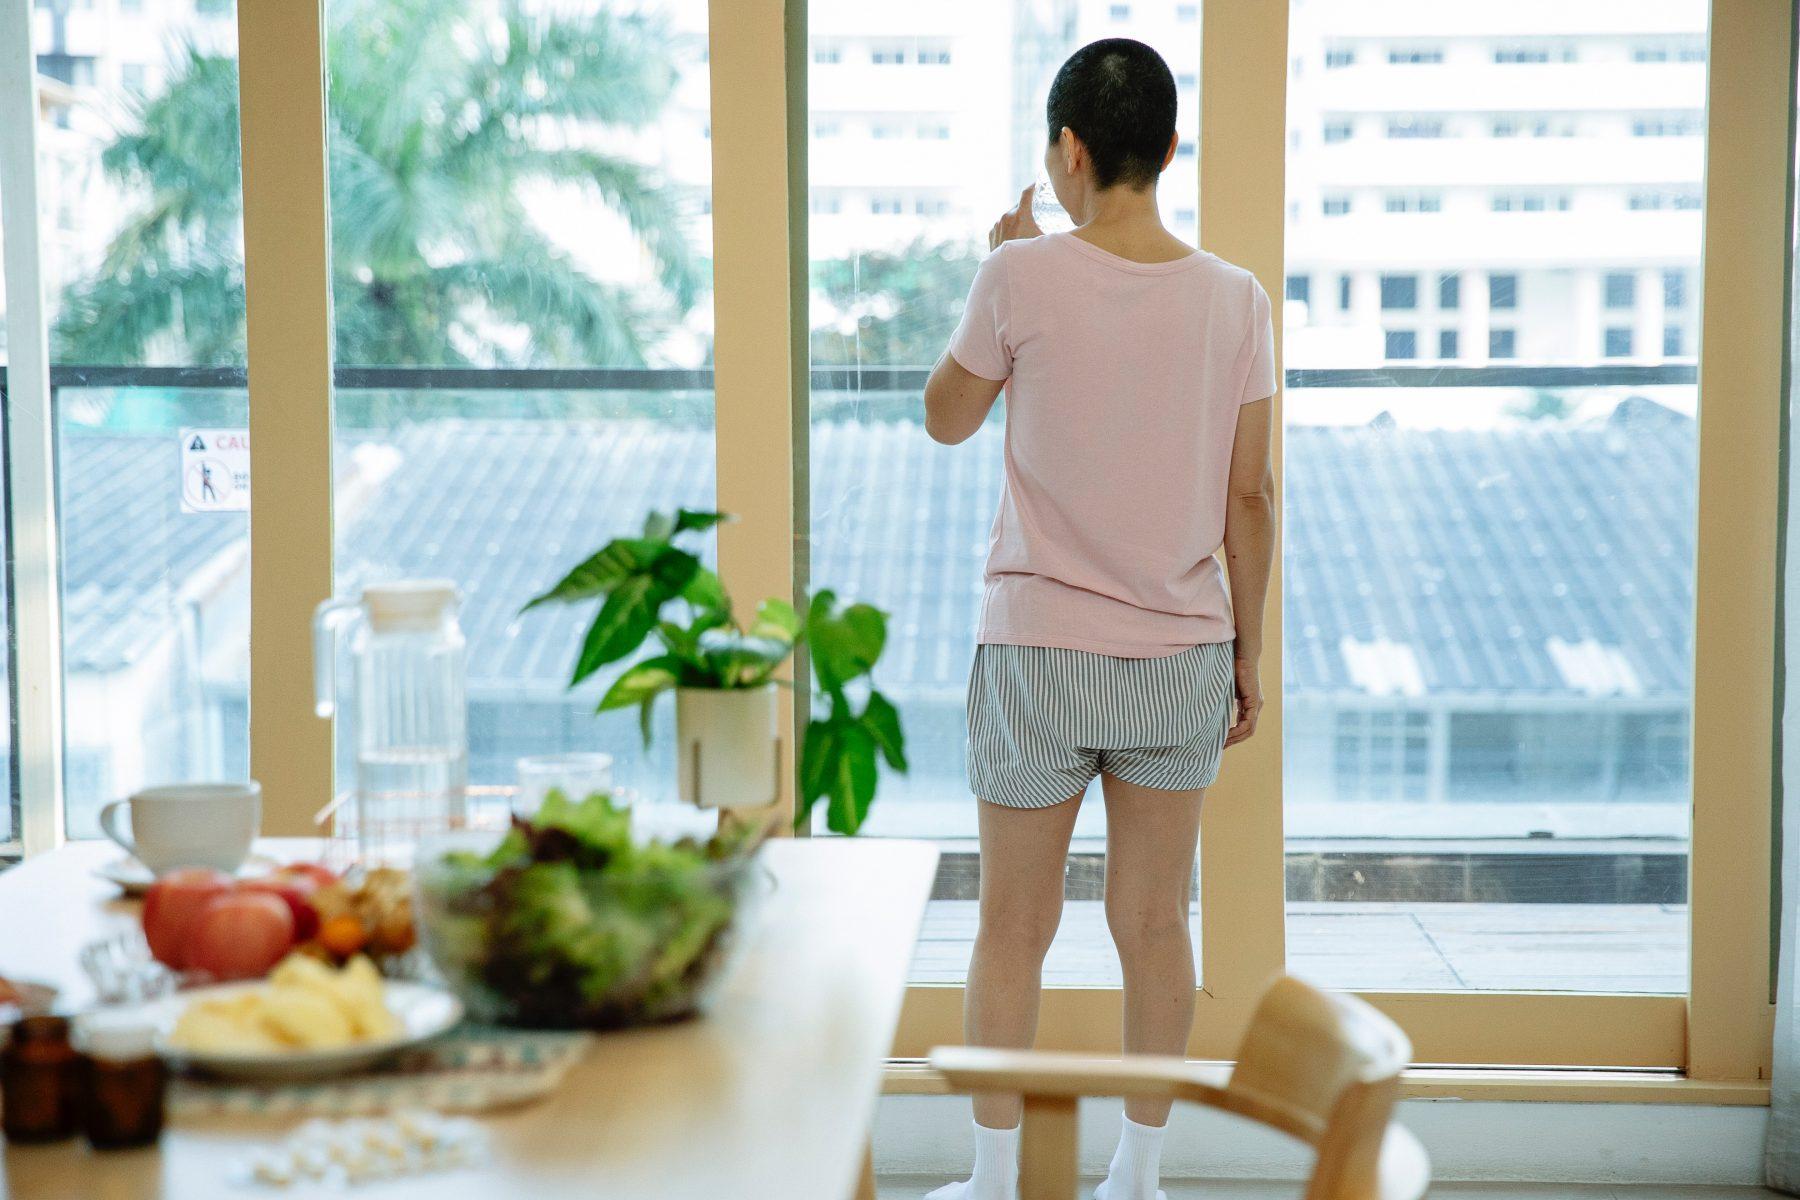 Patient schaut aus dem Fenster mit einem Tisch mit Essen im Vordergrund.